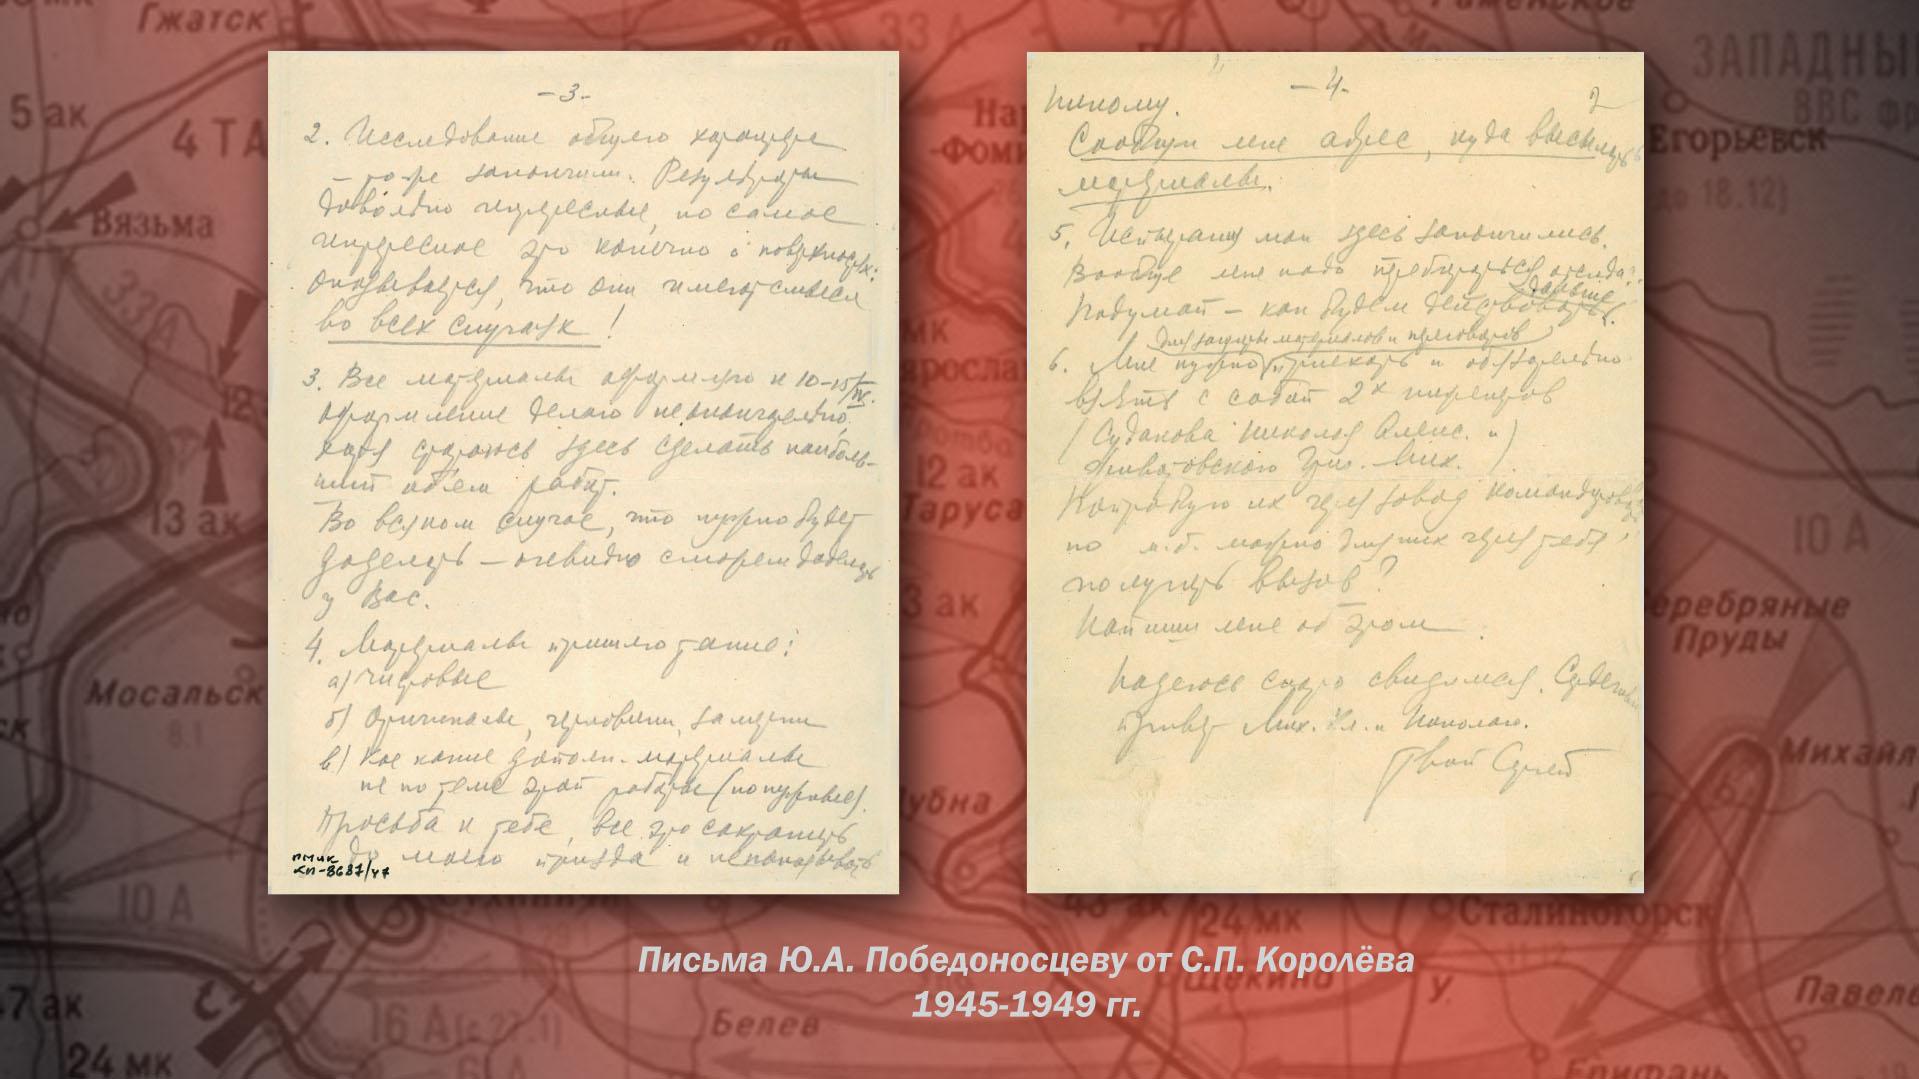 Письма Ю.А. Победоносцеву от С.П. Королева